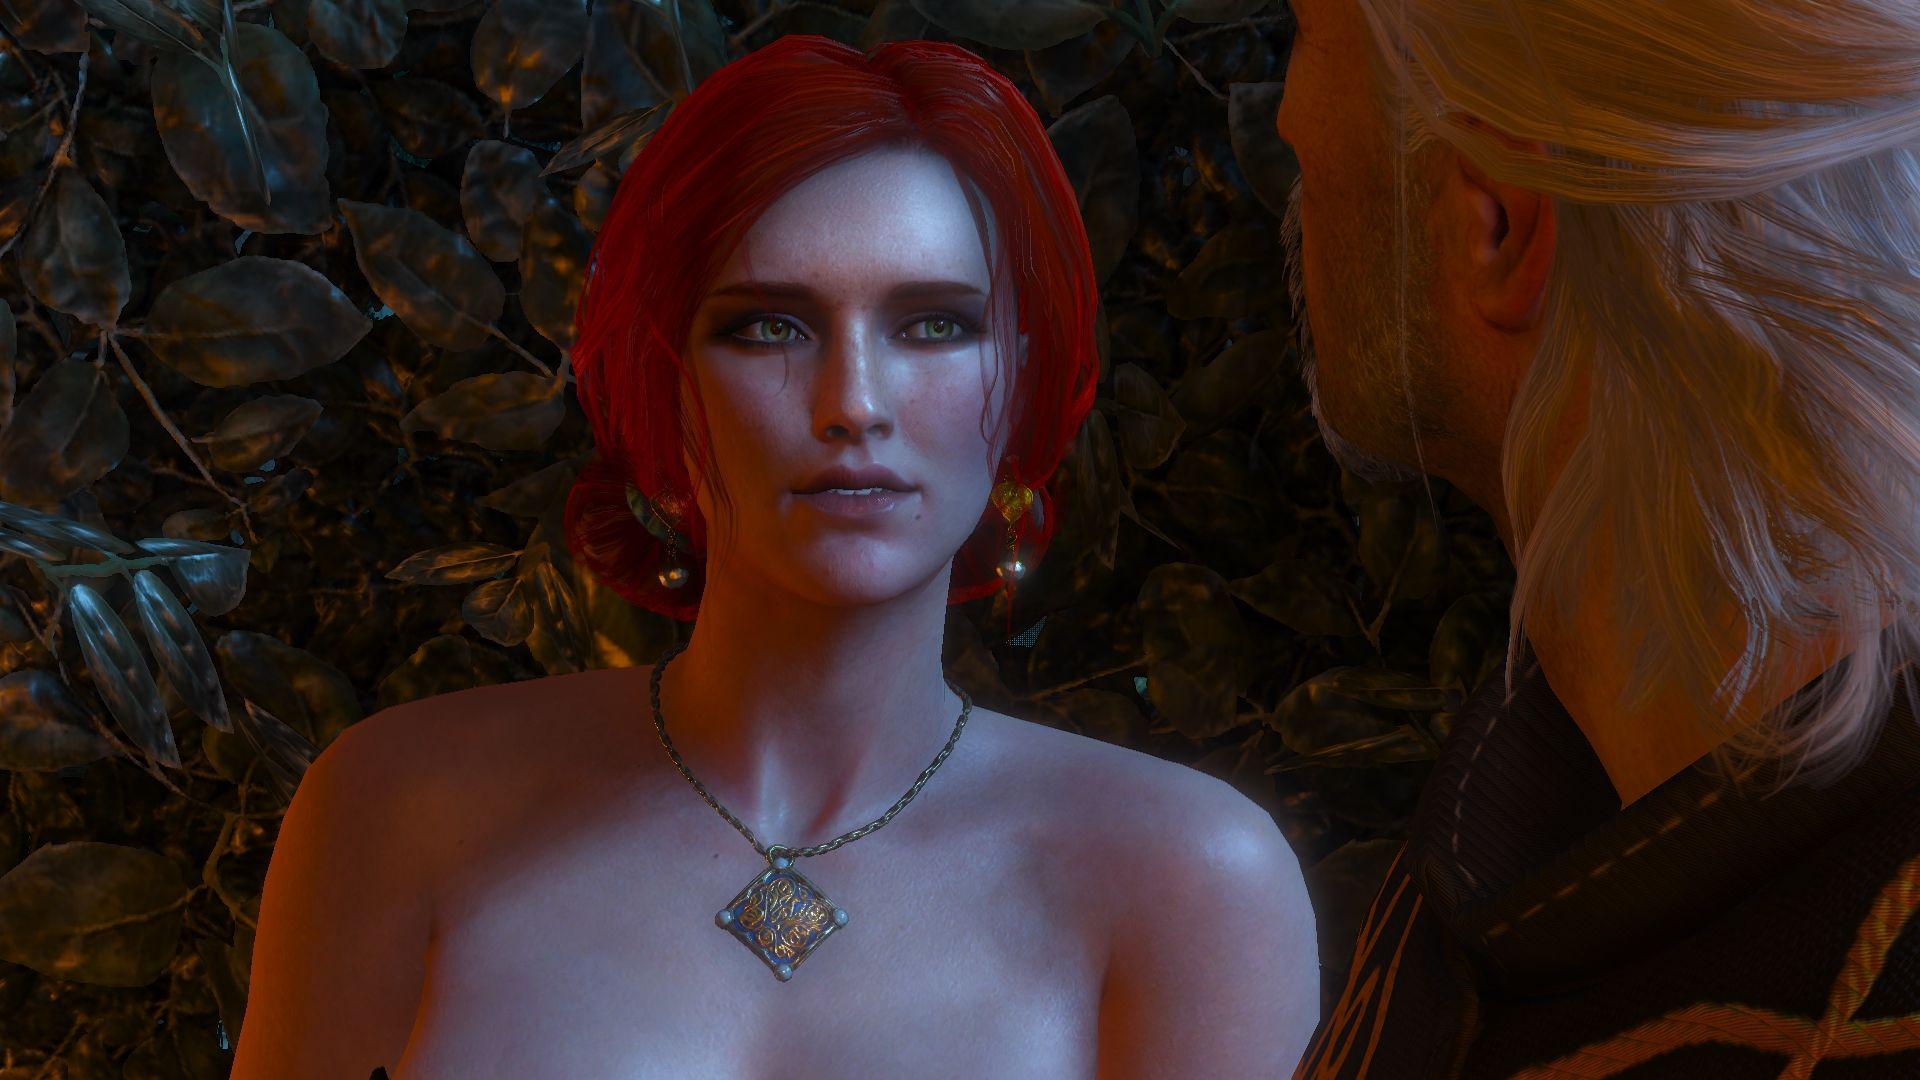 Eroticcg triss merigold nudes film